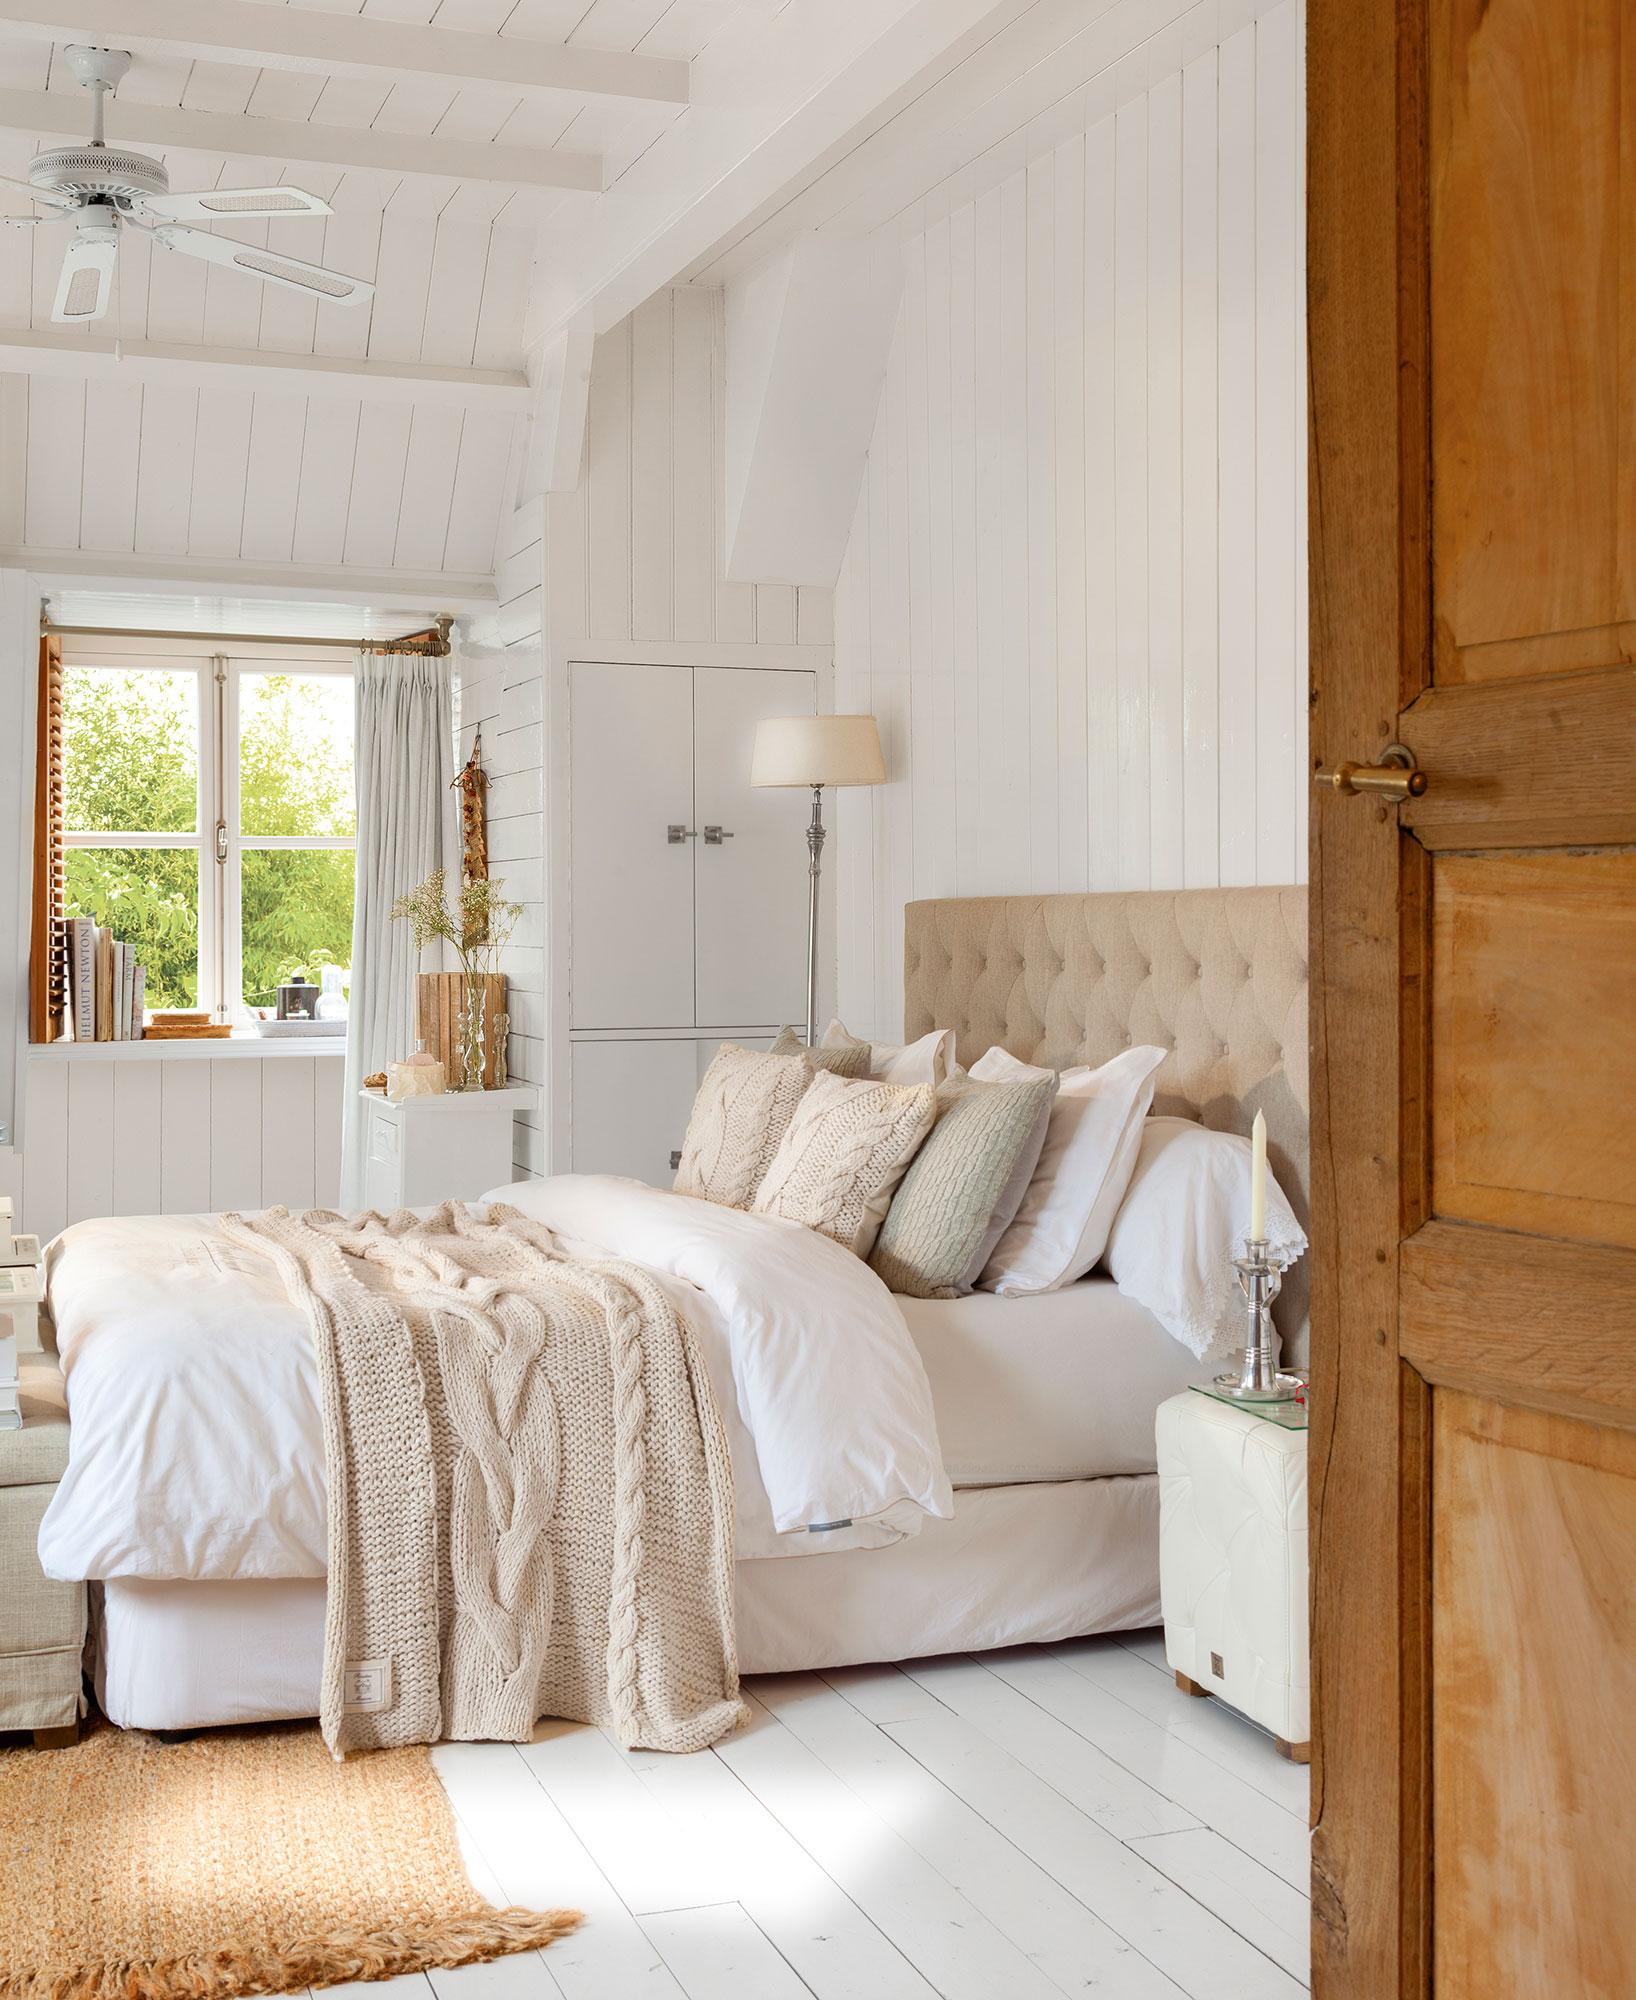 16 trucos para decorar tu dormitorio y dormir mejor for Ropa cama matrimonio